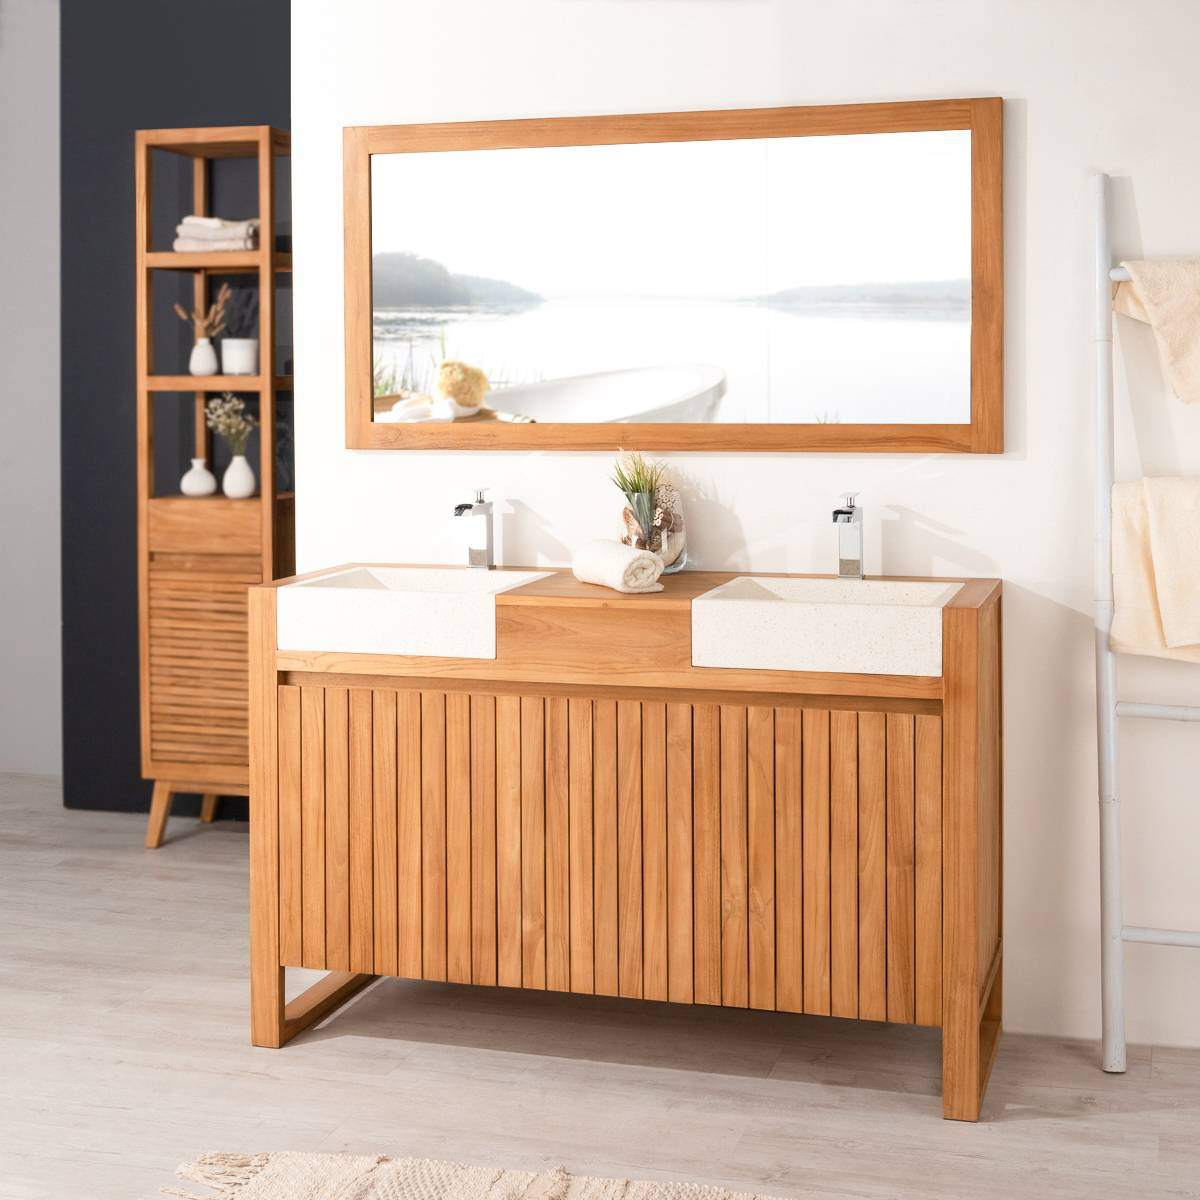 Wanda Collection Meuble en teck et vasques de salle de bain LUXE 140 crème